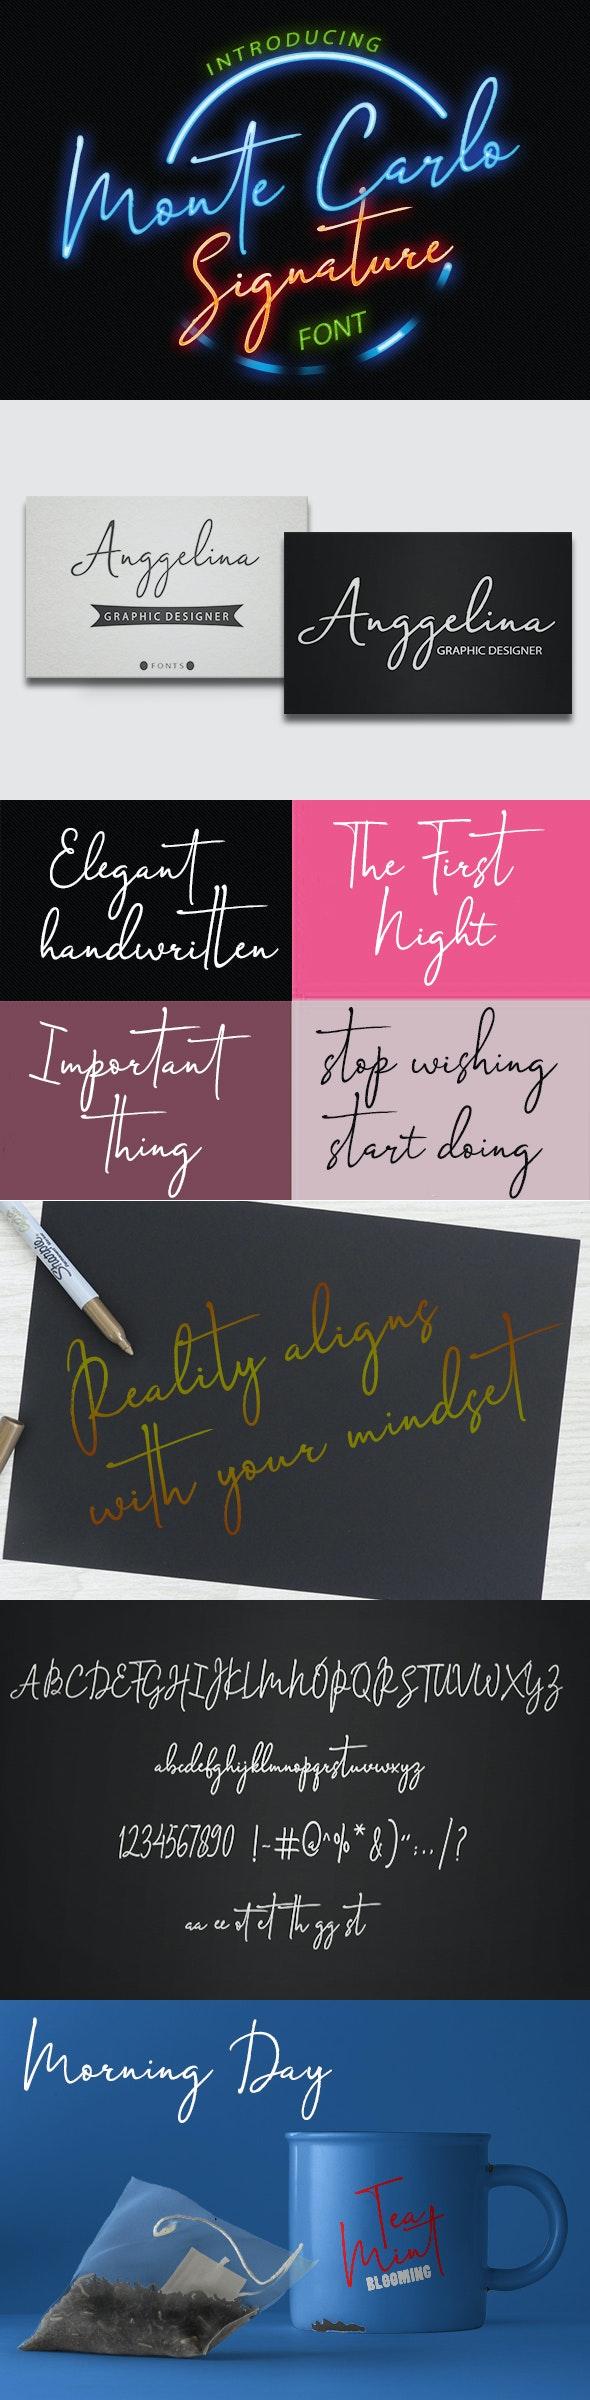 Monte Carlo Signature - Script Fonts